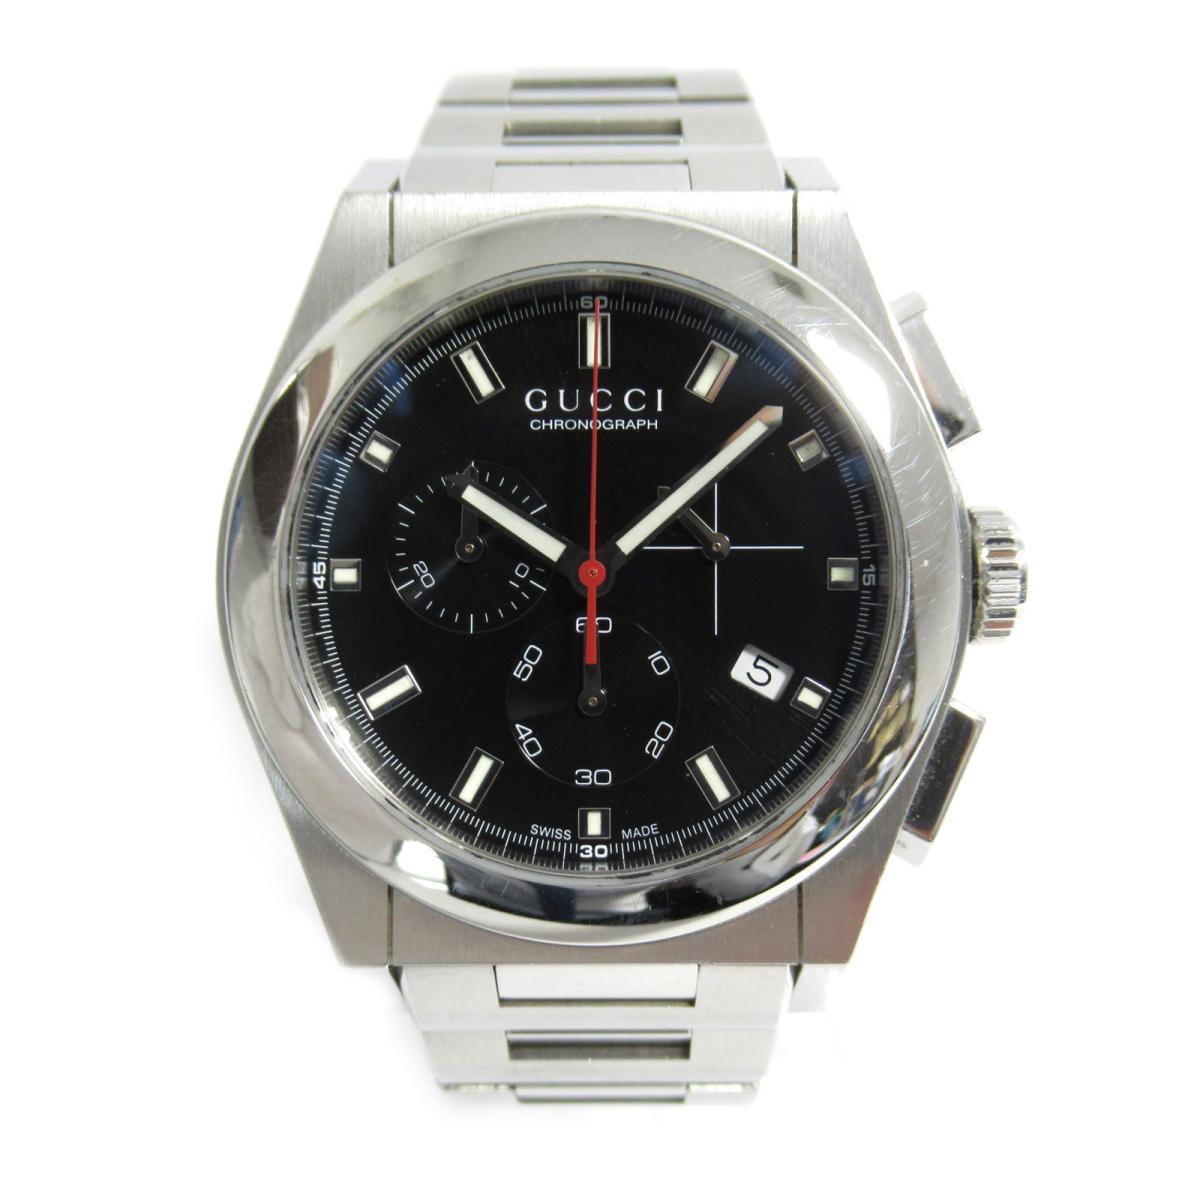 【中古】 グッチ パンテオン クロノグラフ 腕時計 ウォッチ メンズ ステンレススチール (SS) (115.2) | GUCCI BRANDOFF ブランドオフ ブランド ブランド時計 ブランド腕時計 時計